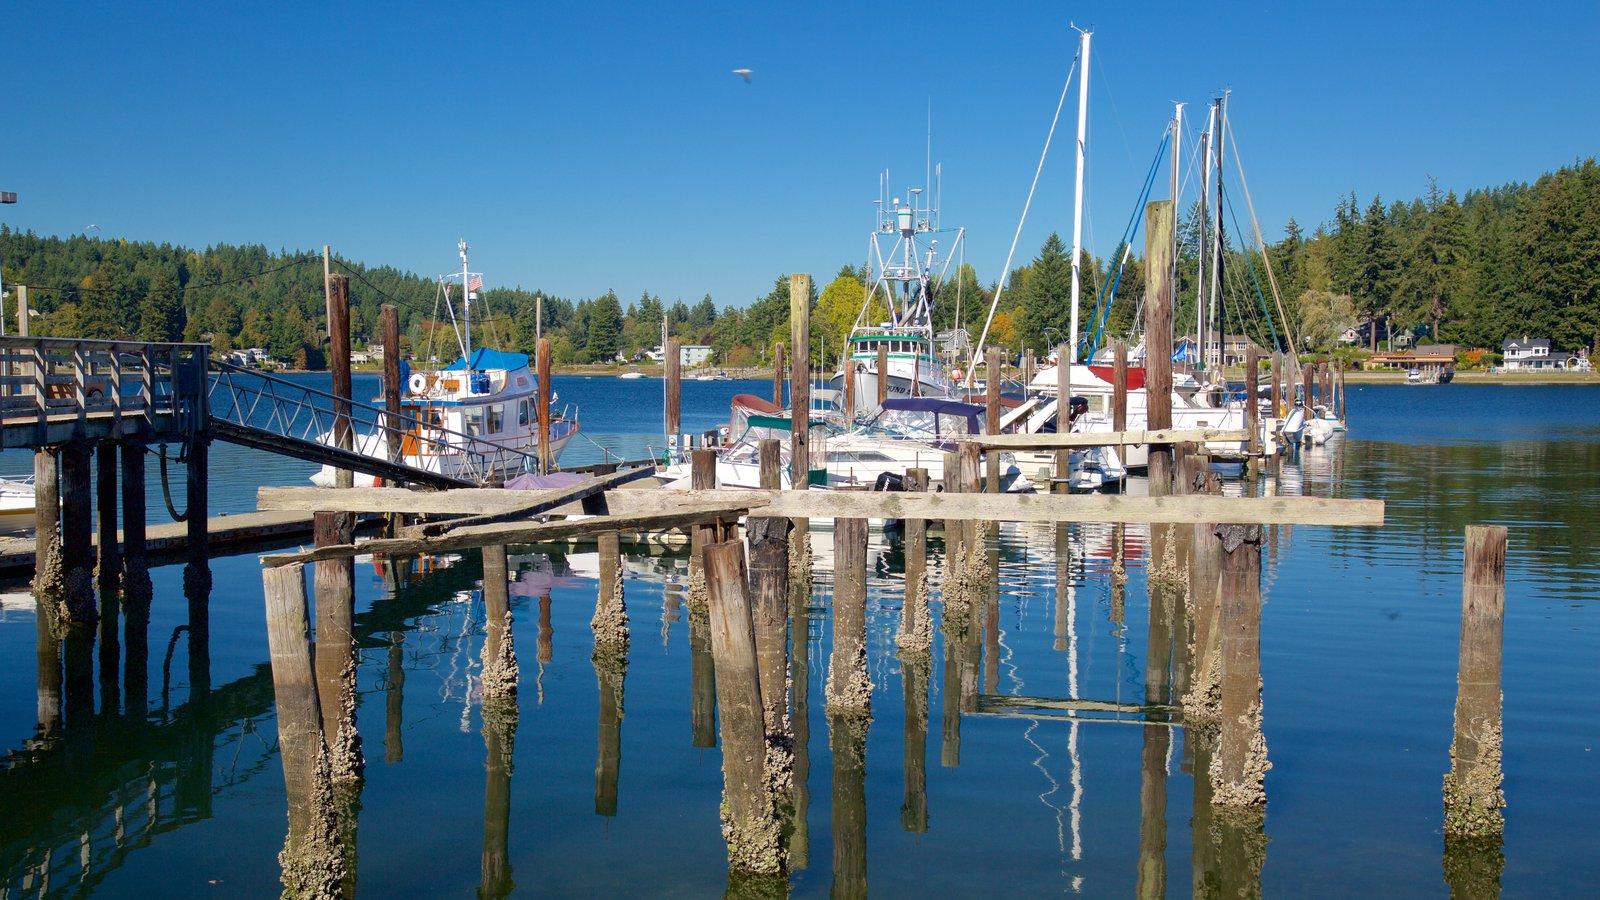 Gig Harbor que inclui uma baía ou porto, paisagens litorâneas e uma marina